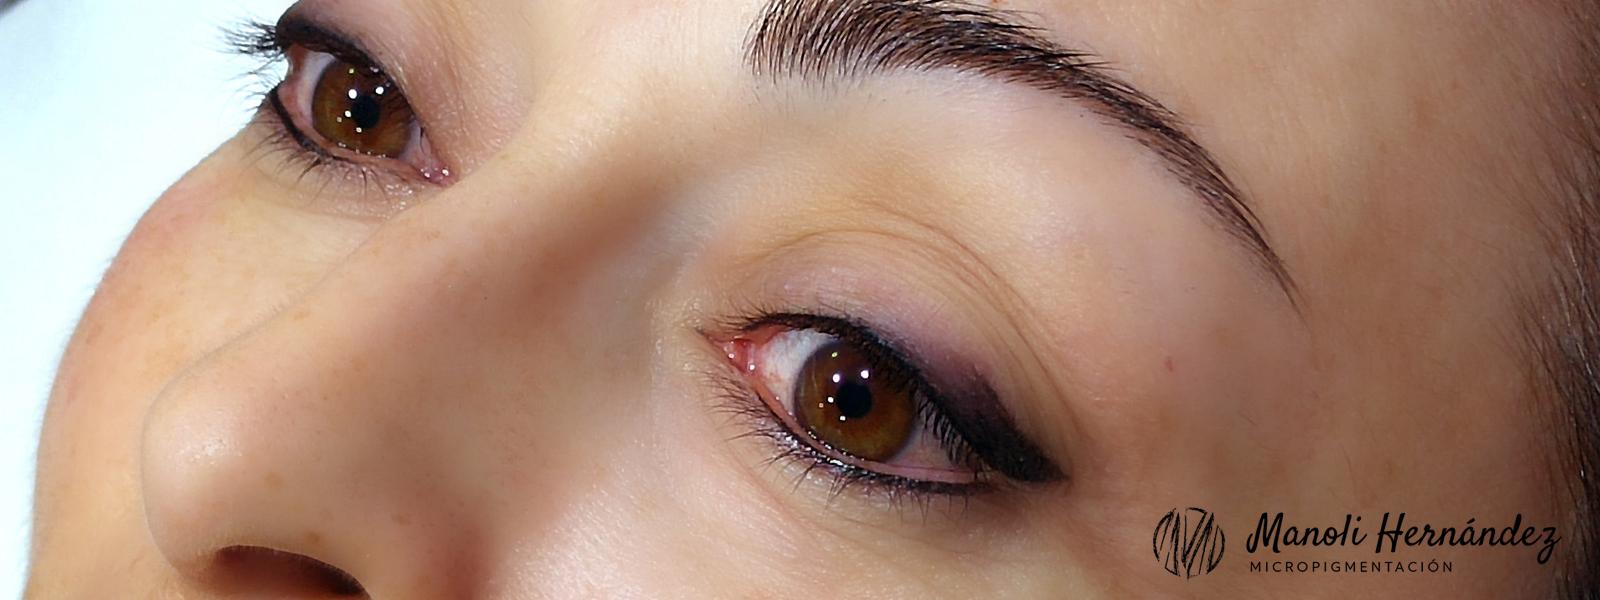 Resultado de un tratamiento de micropigmentación facial en ojos (eyeliner con sombreado)